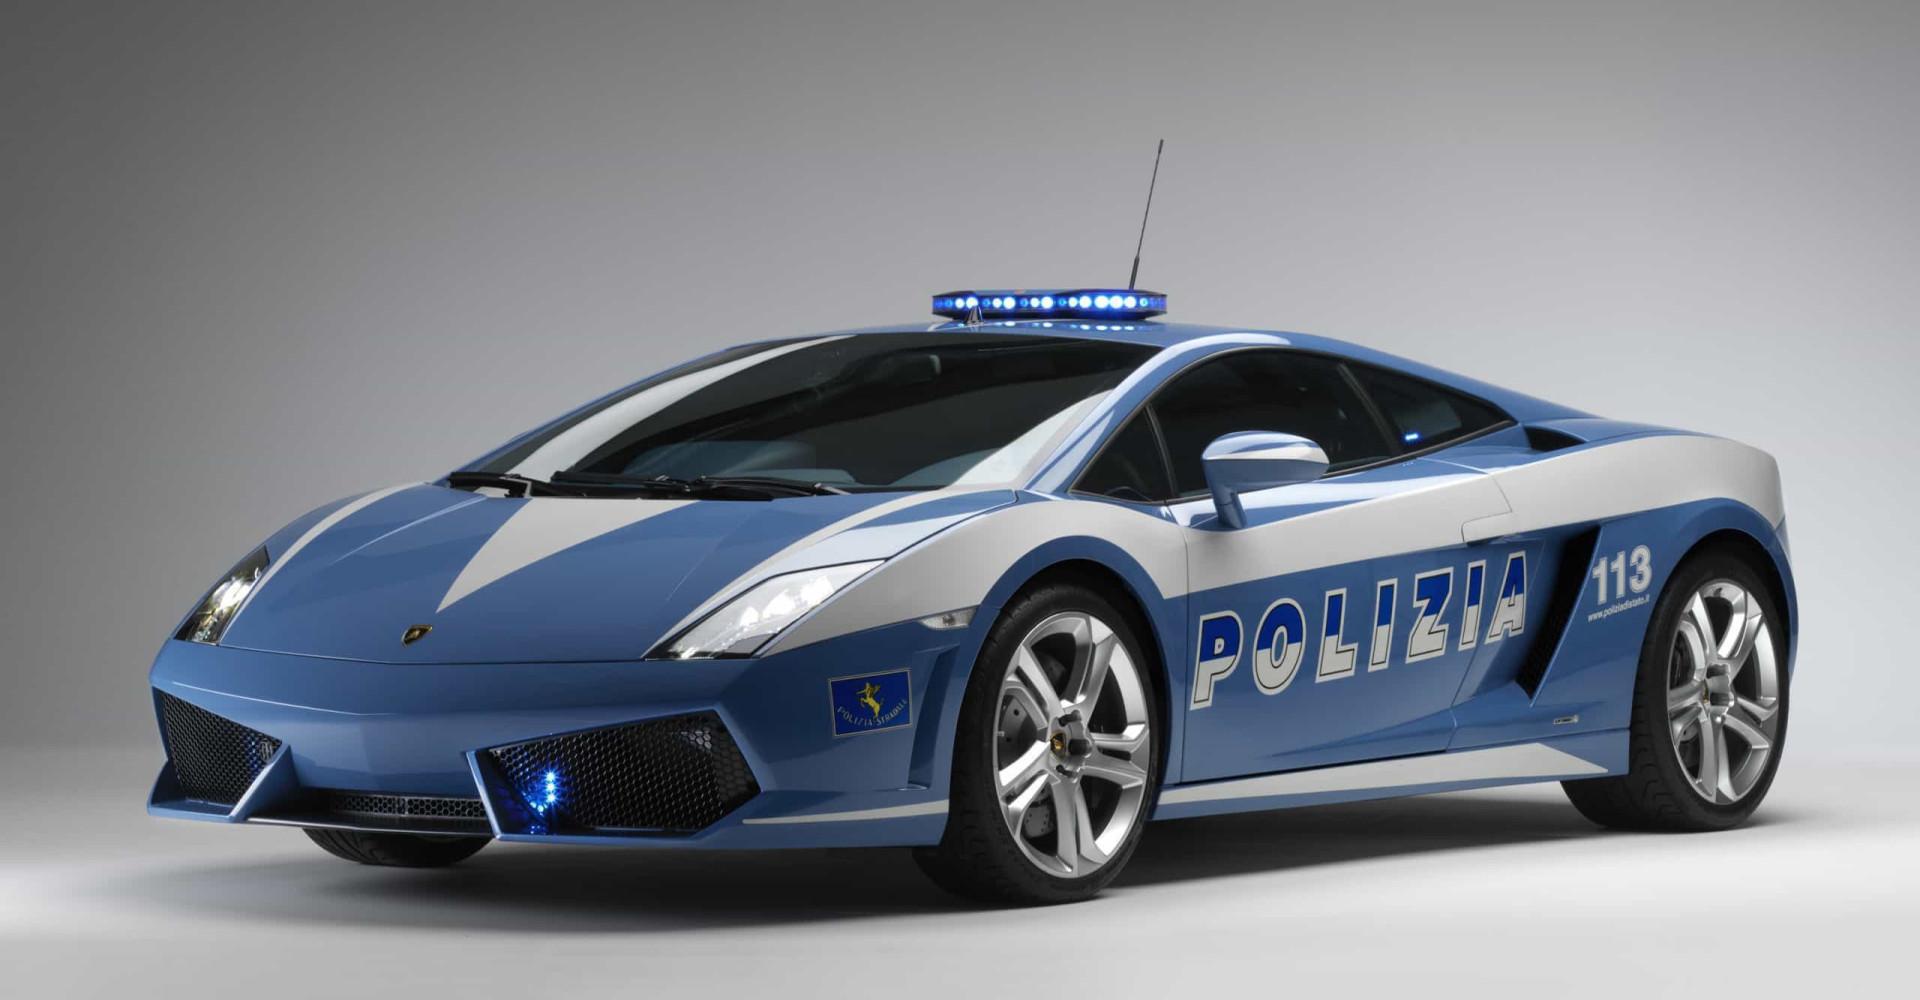 엄청난 속도와 가격을 자랑하는 세계의 경찰차들